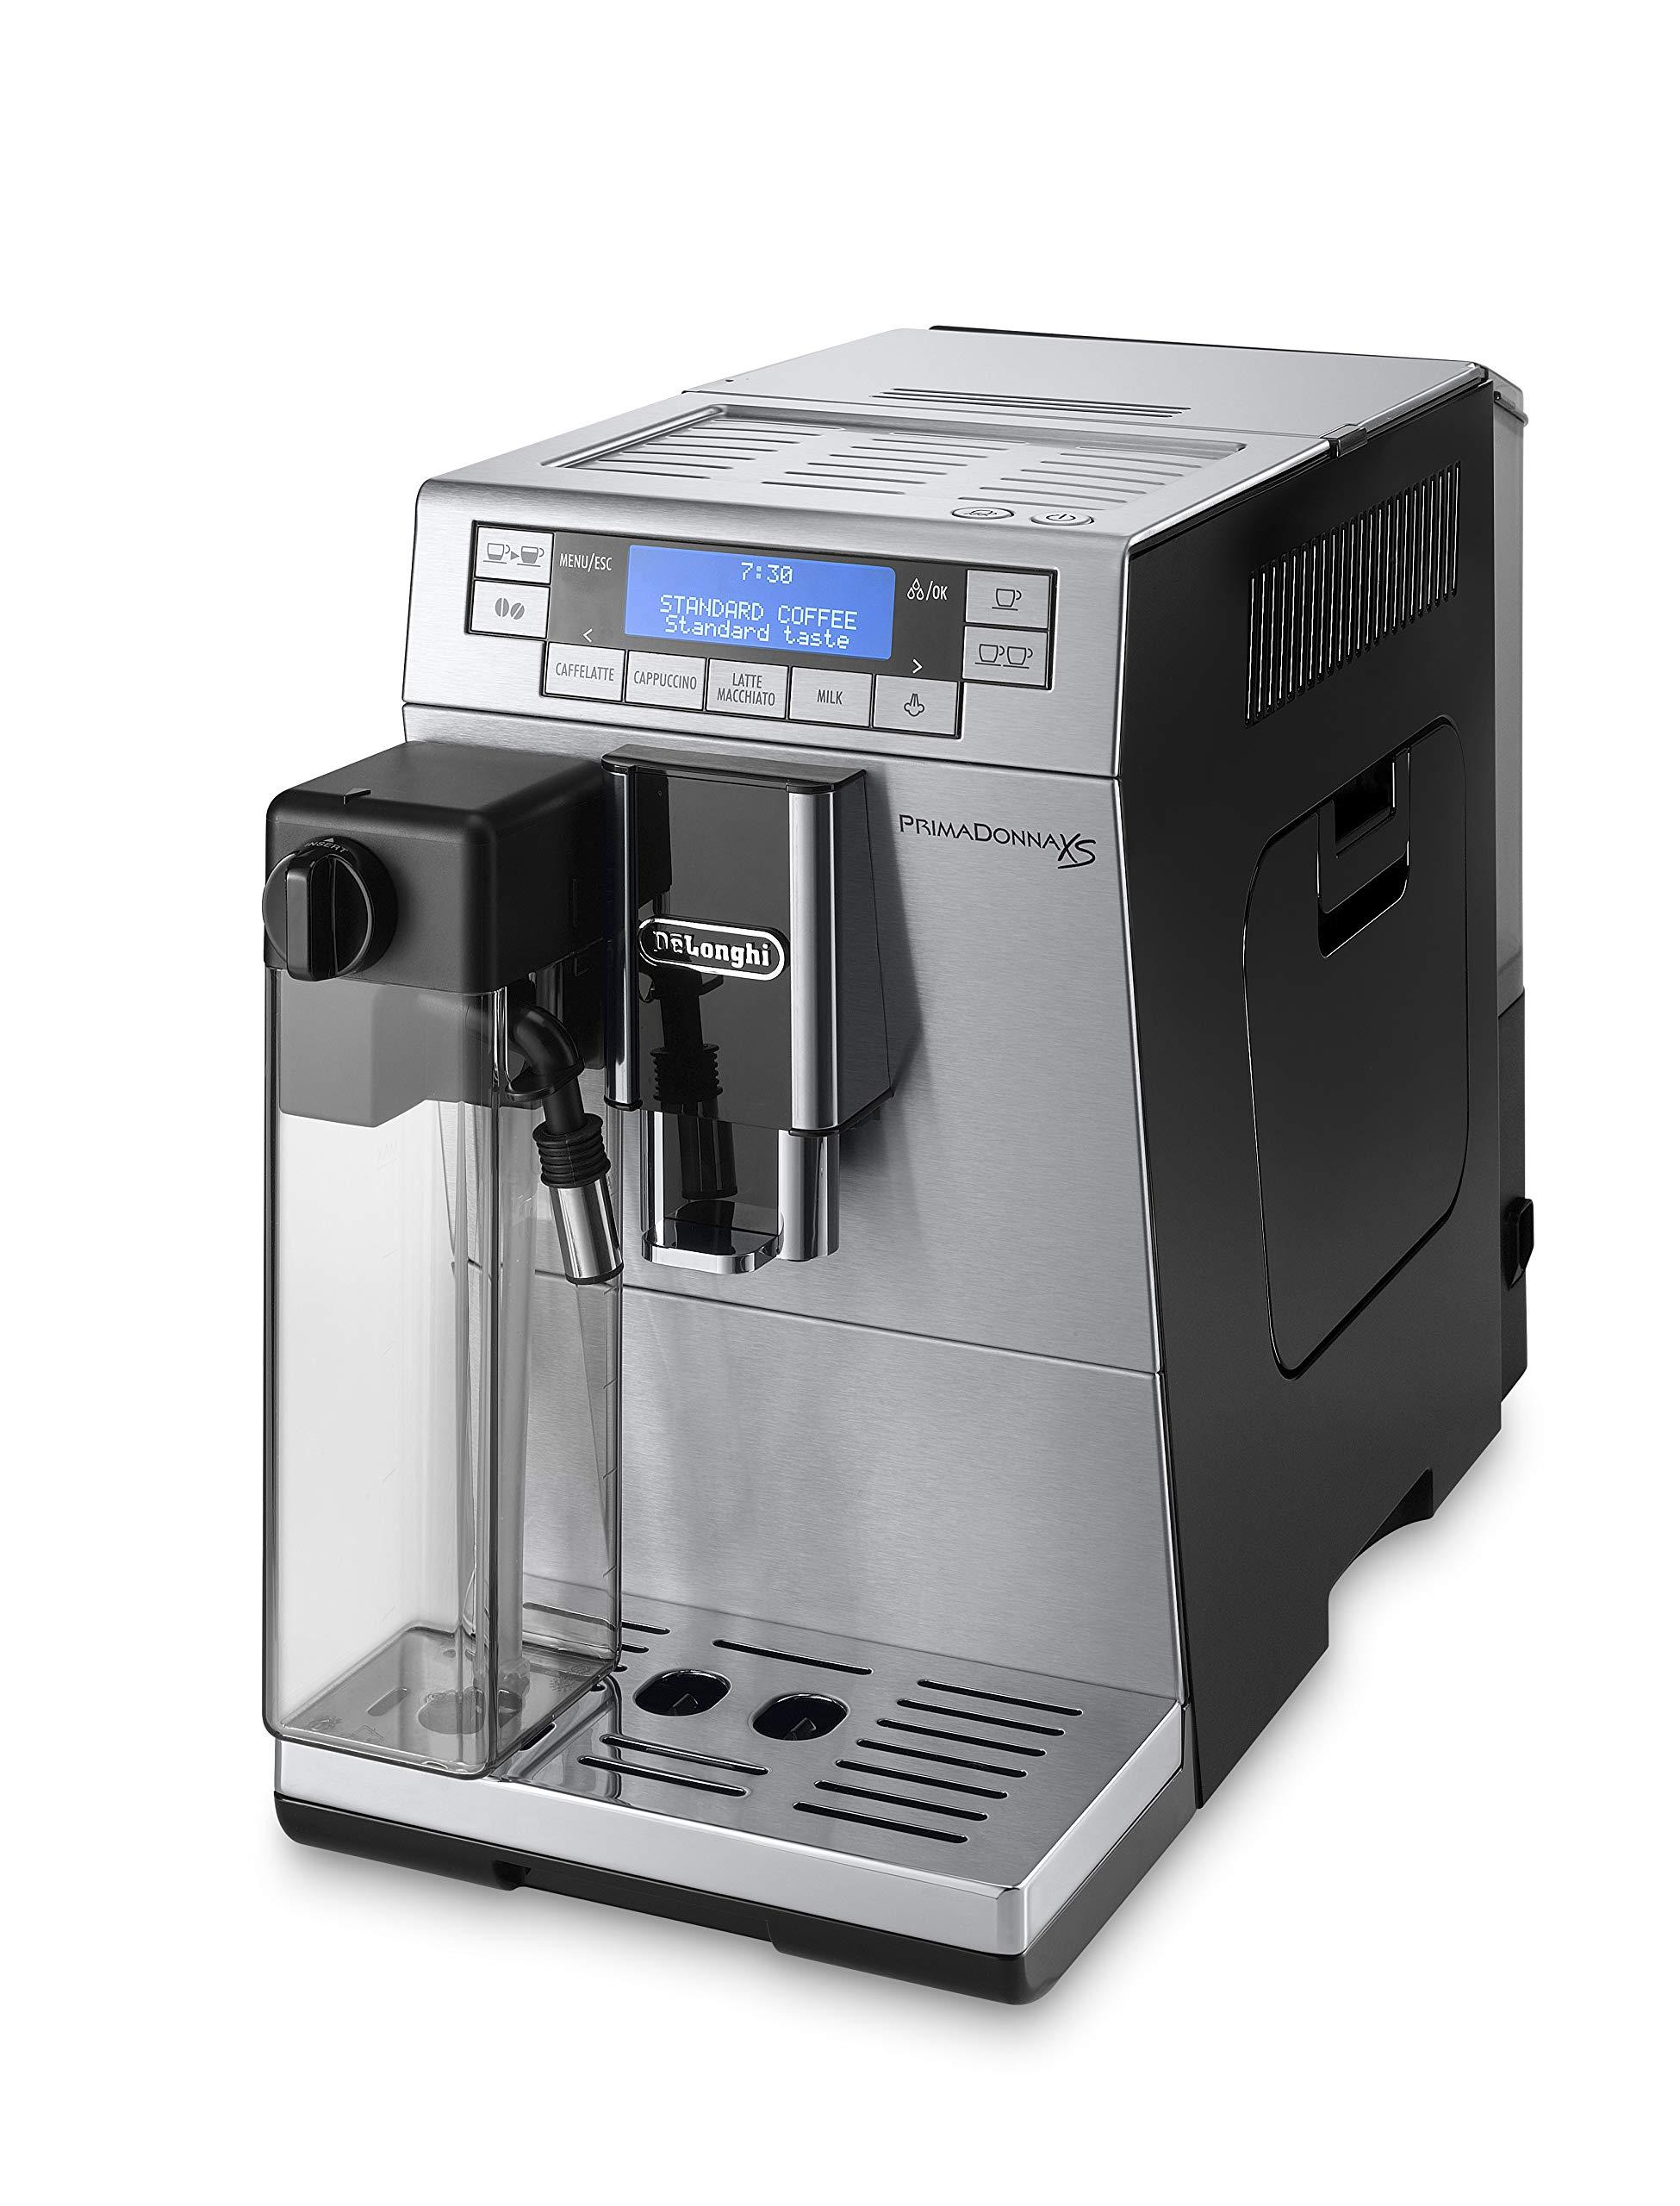 DeLonghi PrimaDonna XS Deluxe - Cafetera Superautomática con 15 Bares de Presión, Espresso y Cappuccino, Muy Estrecha 19.5 cm, Pantalla Digital, Personalización Cafés, 1450 W, ETAM 36.365.MB, Plata: Amazon.es: Hogar